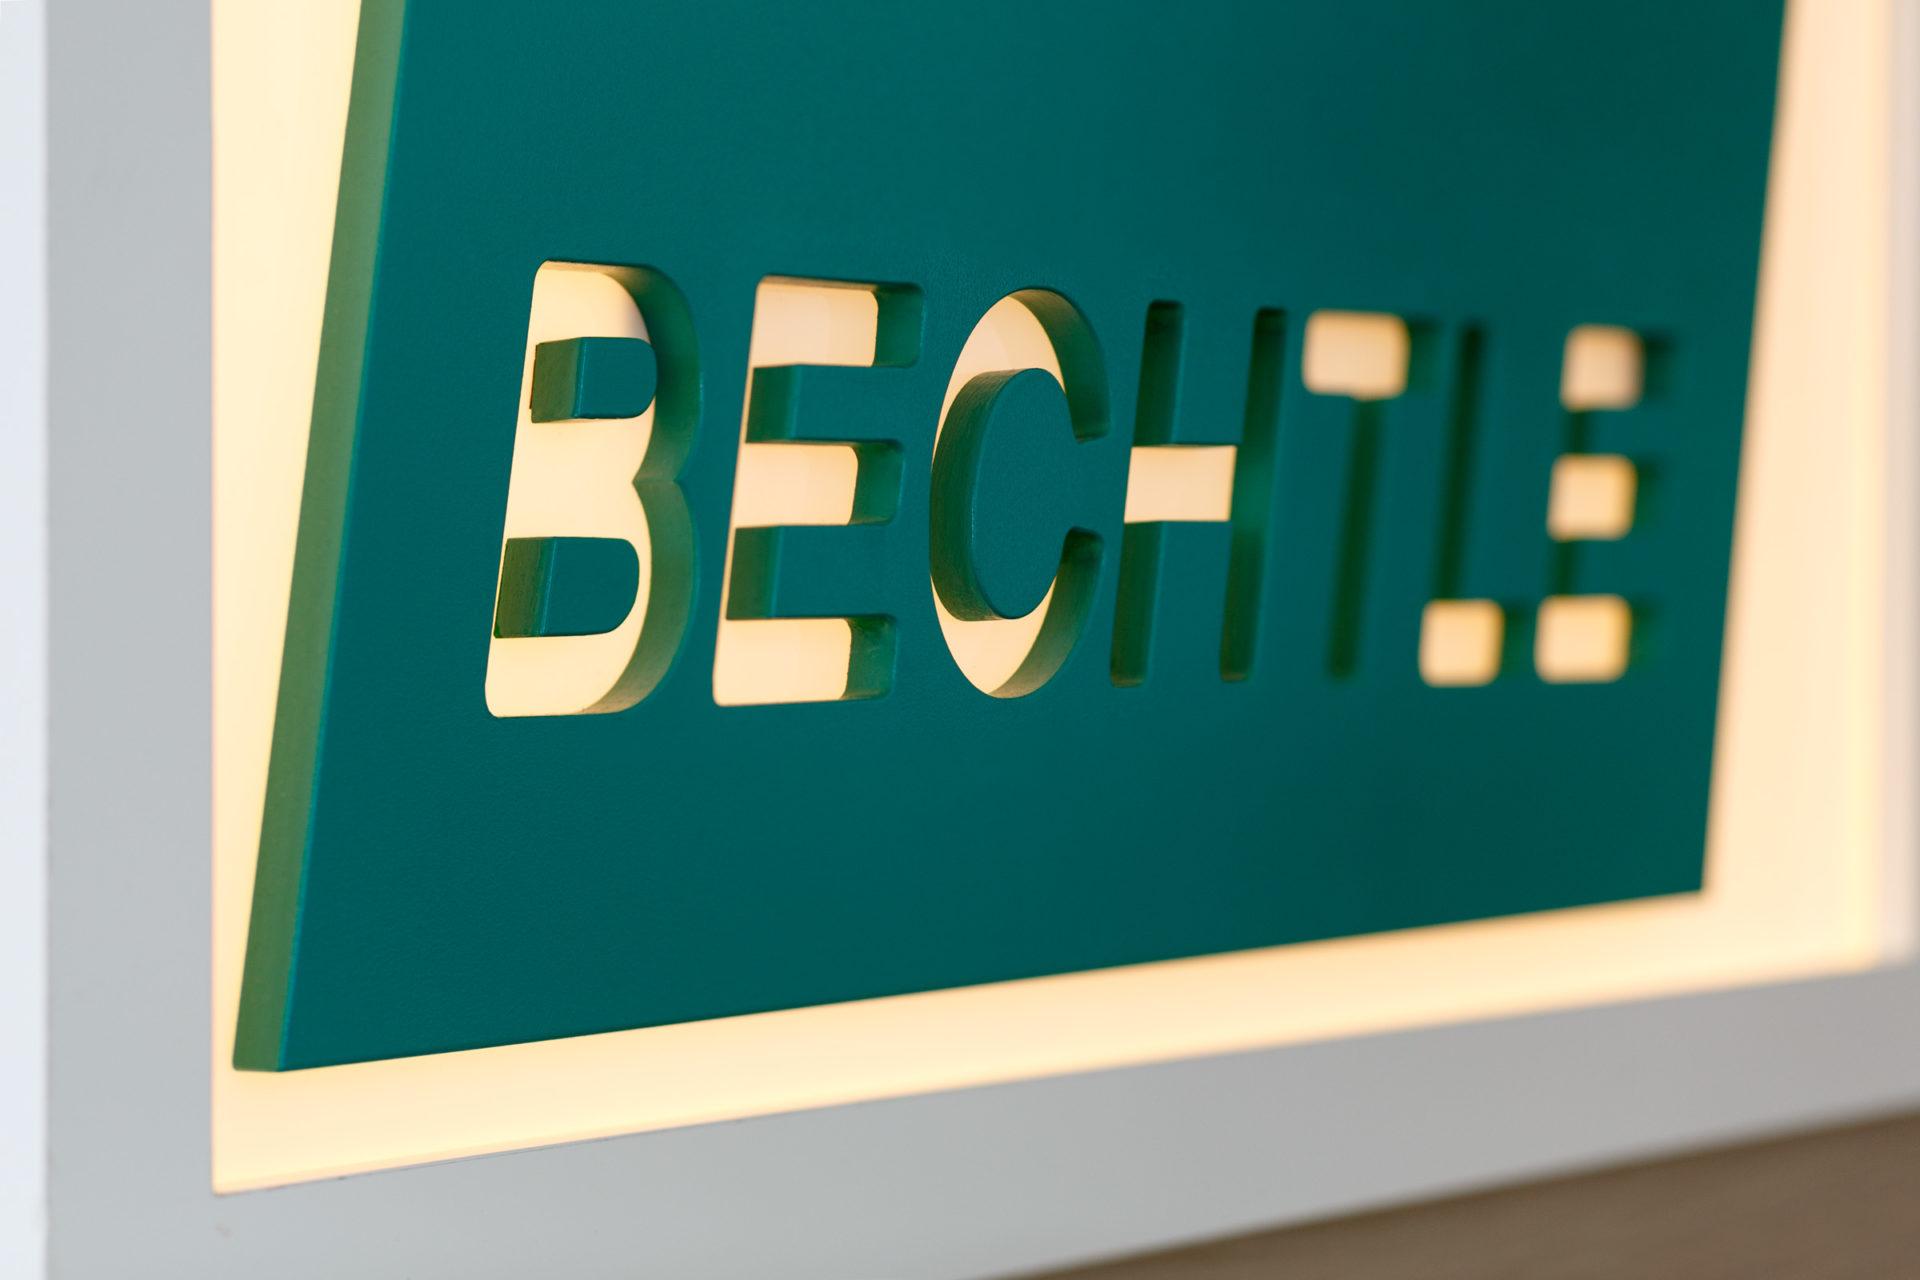 Bechtle-Belgie-25